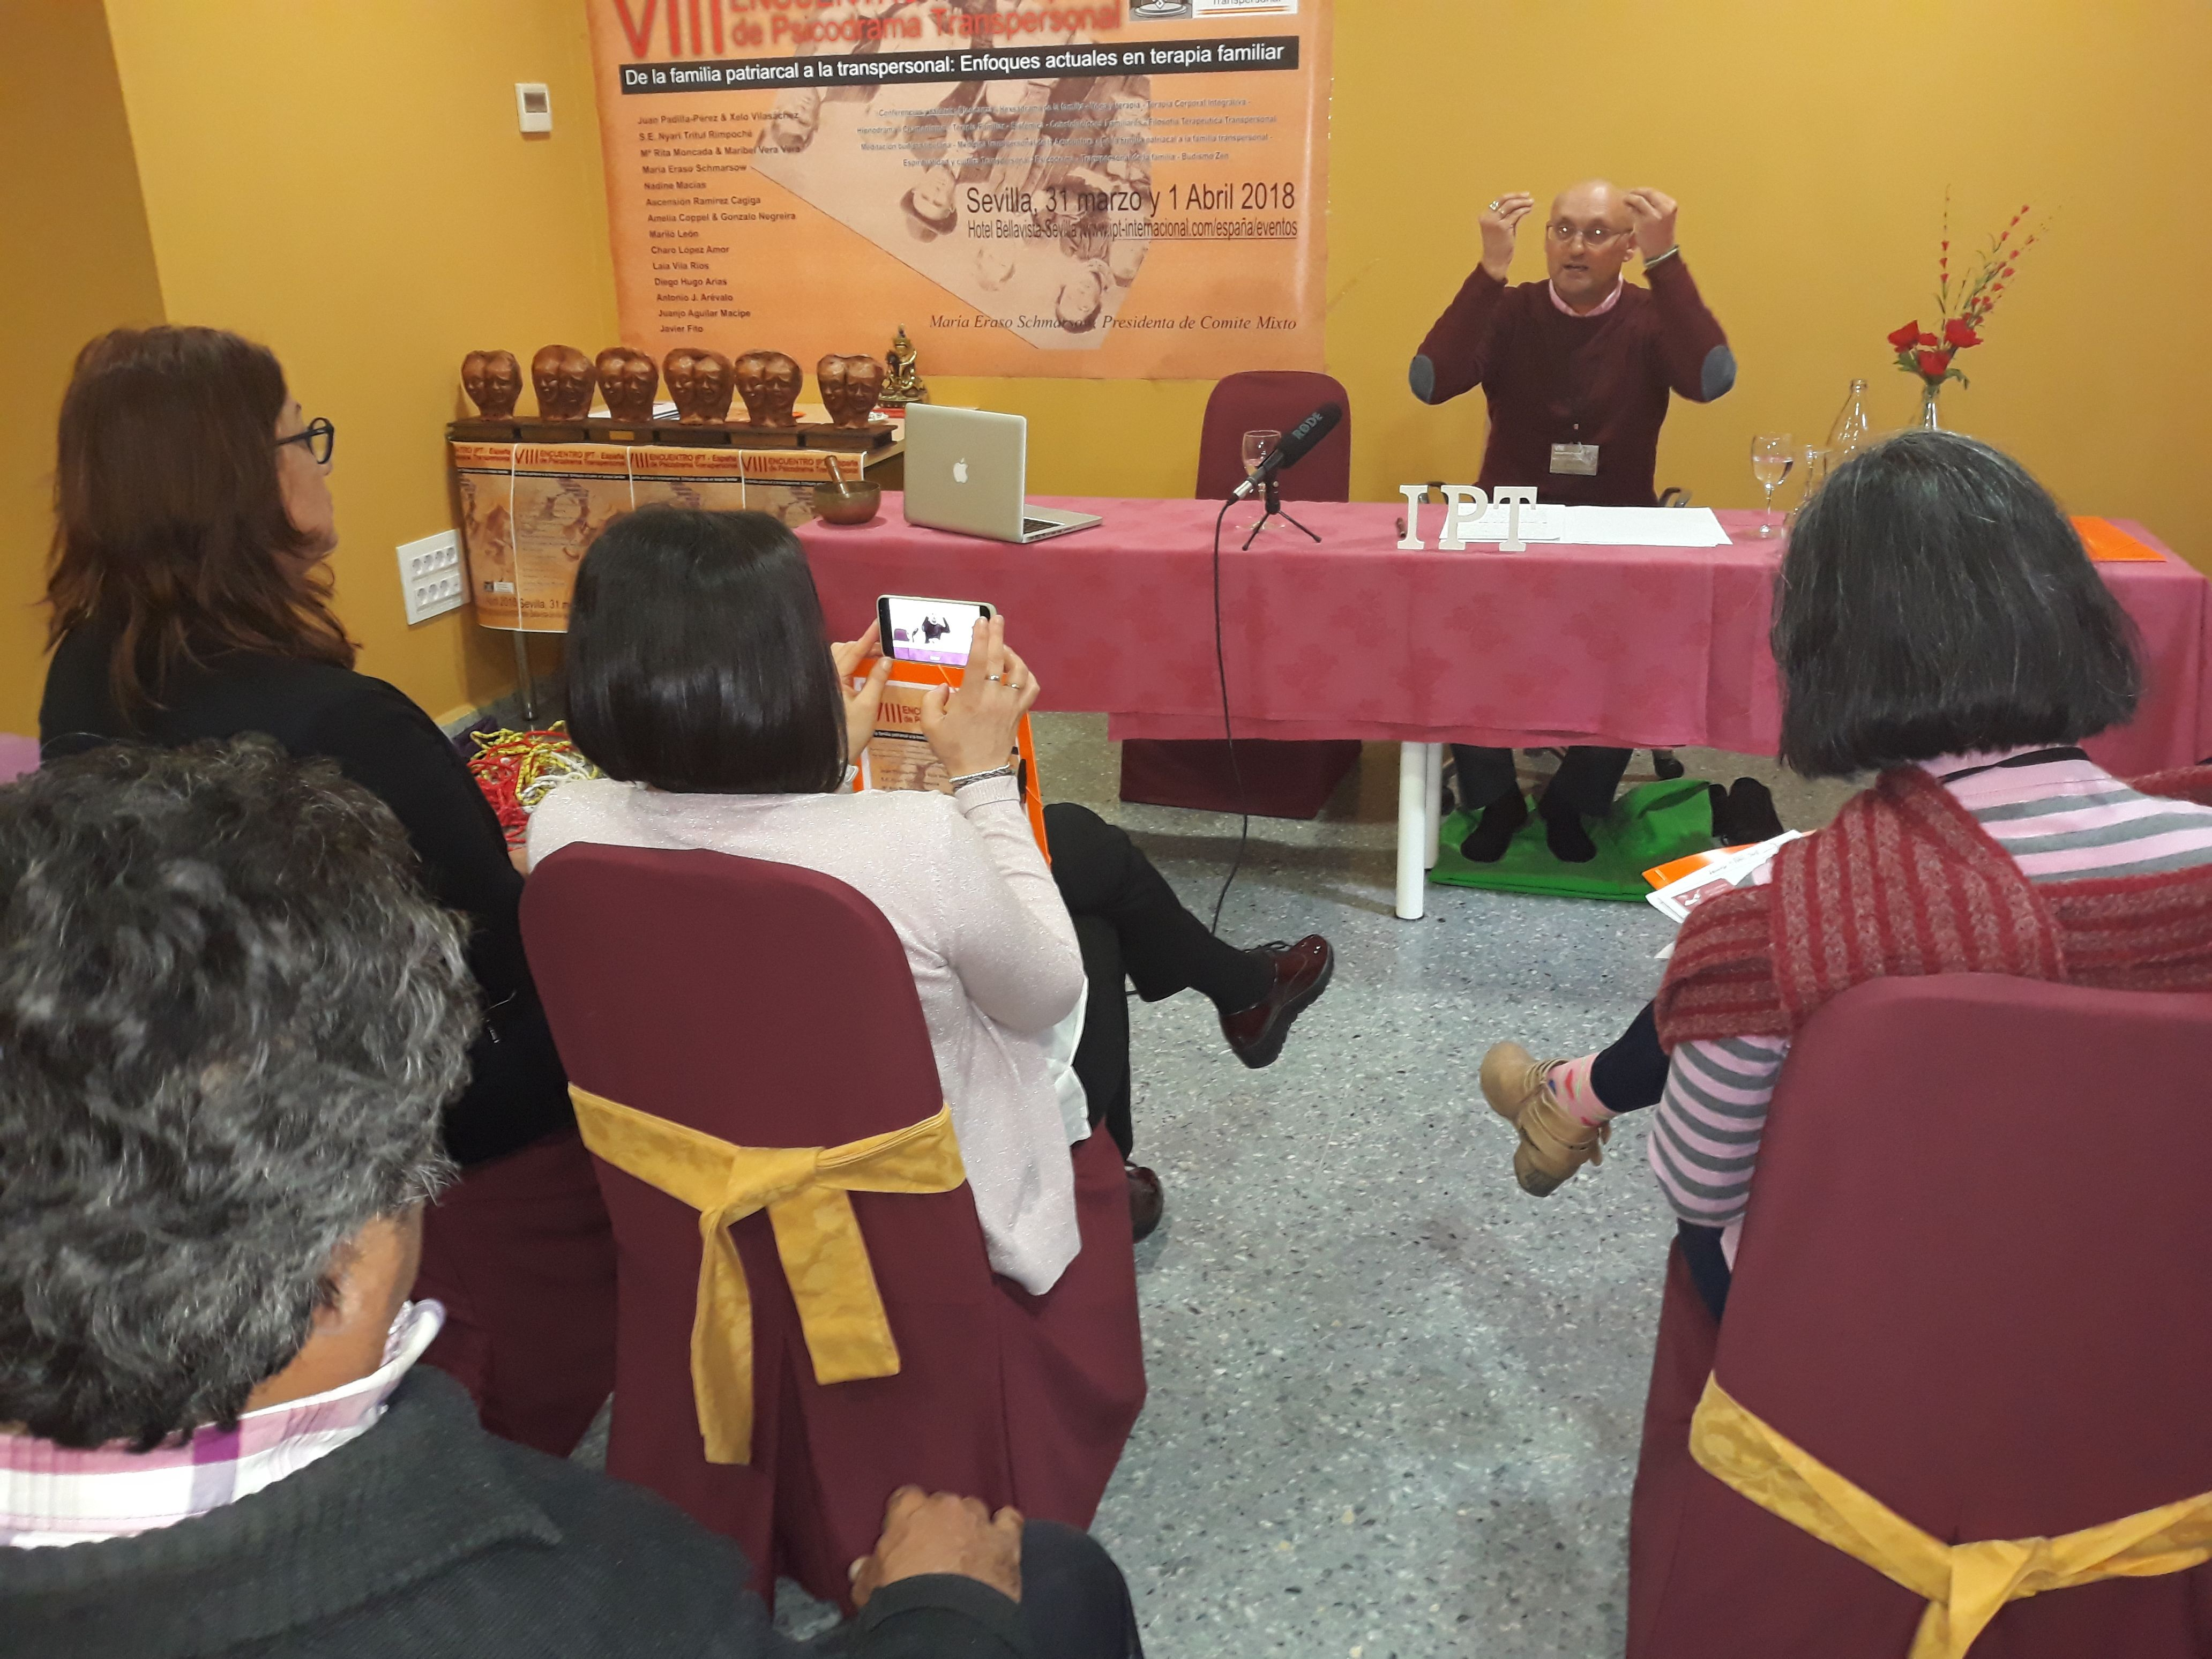 Foto 5 de Congresos IPT Internacional en Sevilla | IPT Internacional